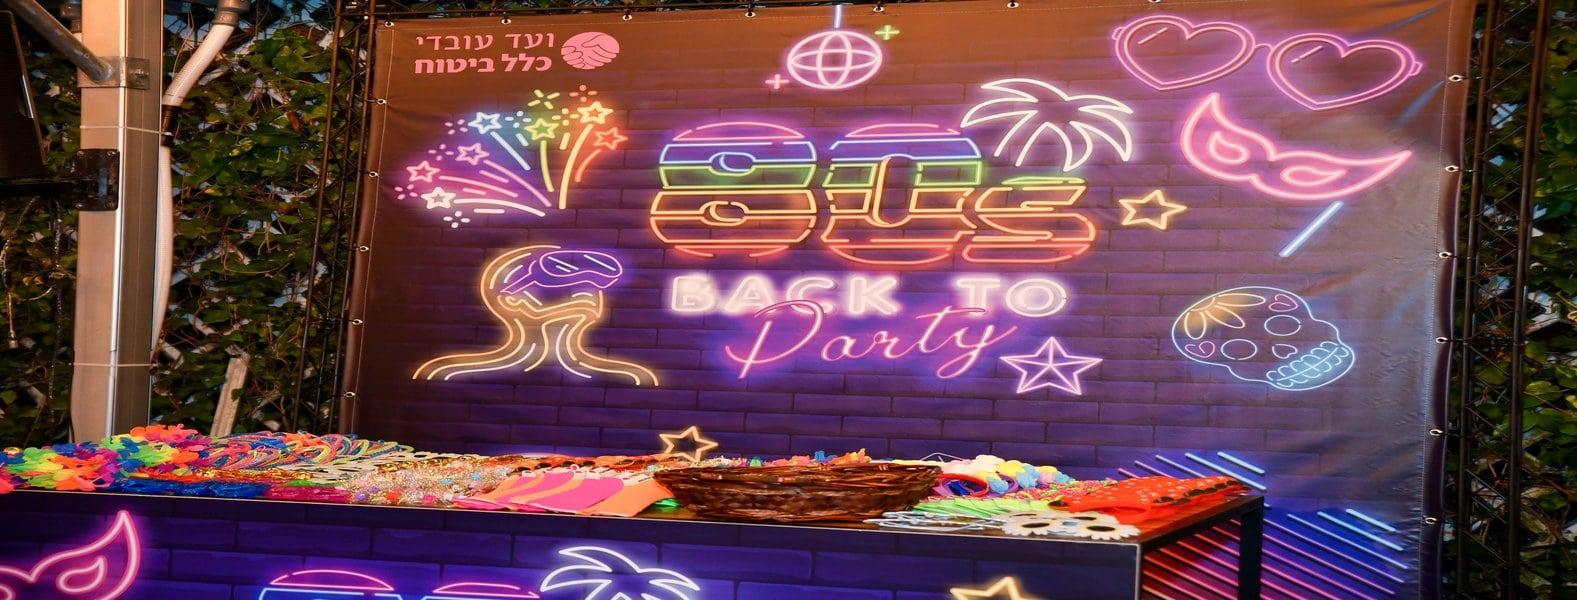 """מסיבת ערב חברה בסגנון שנות ה 80 שהופק לחברת כלל ביטוח ע""""י פרוצ'י הפקות אירועים"""